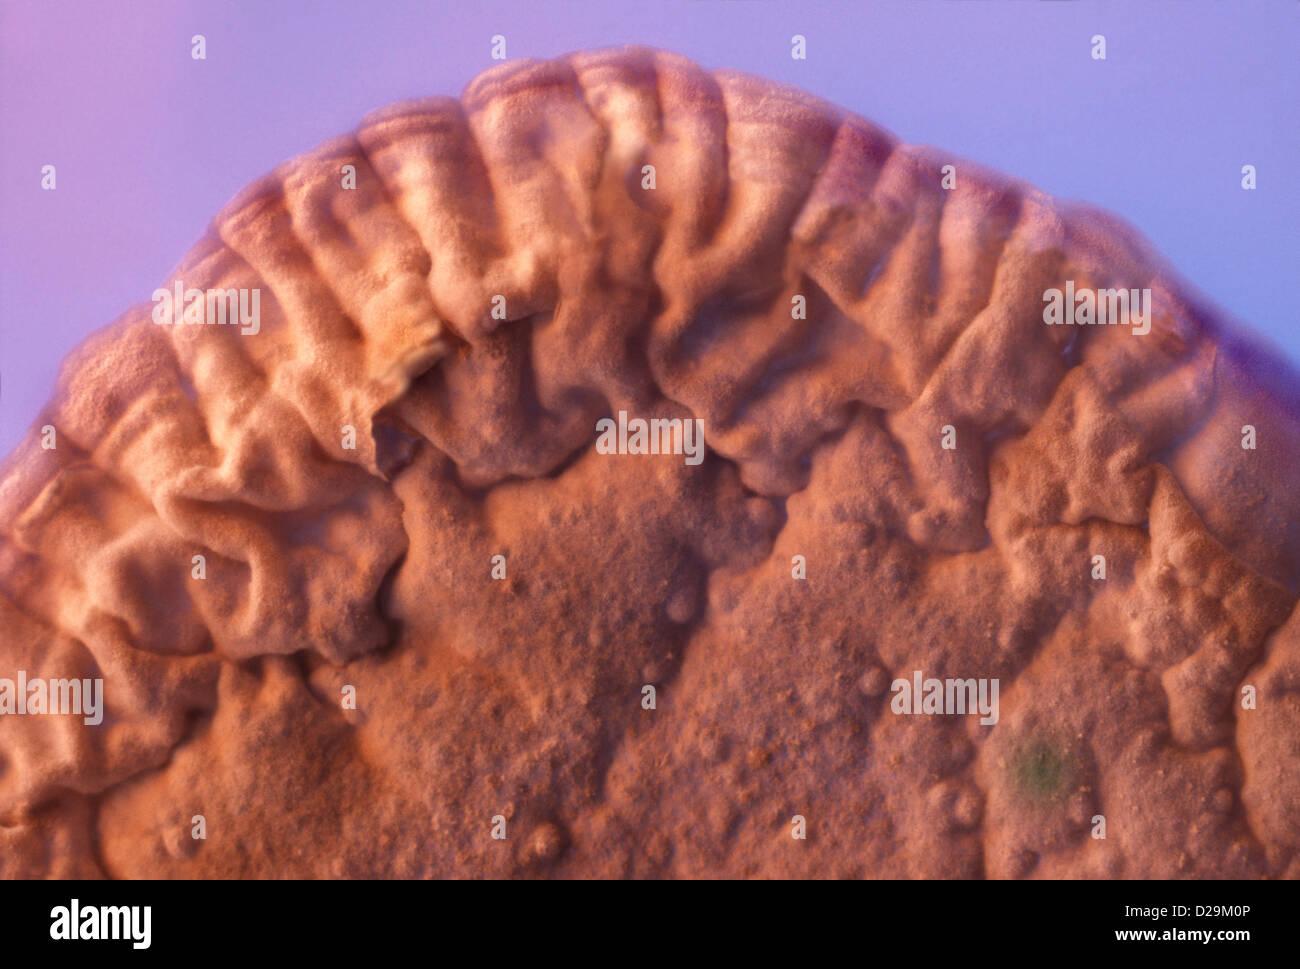 Biologisches Wachstum eine Petrie-Schale Stockbild